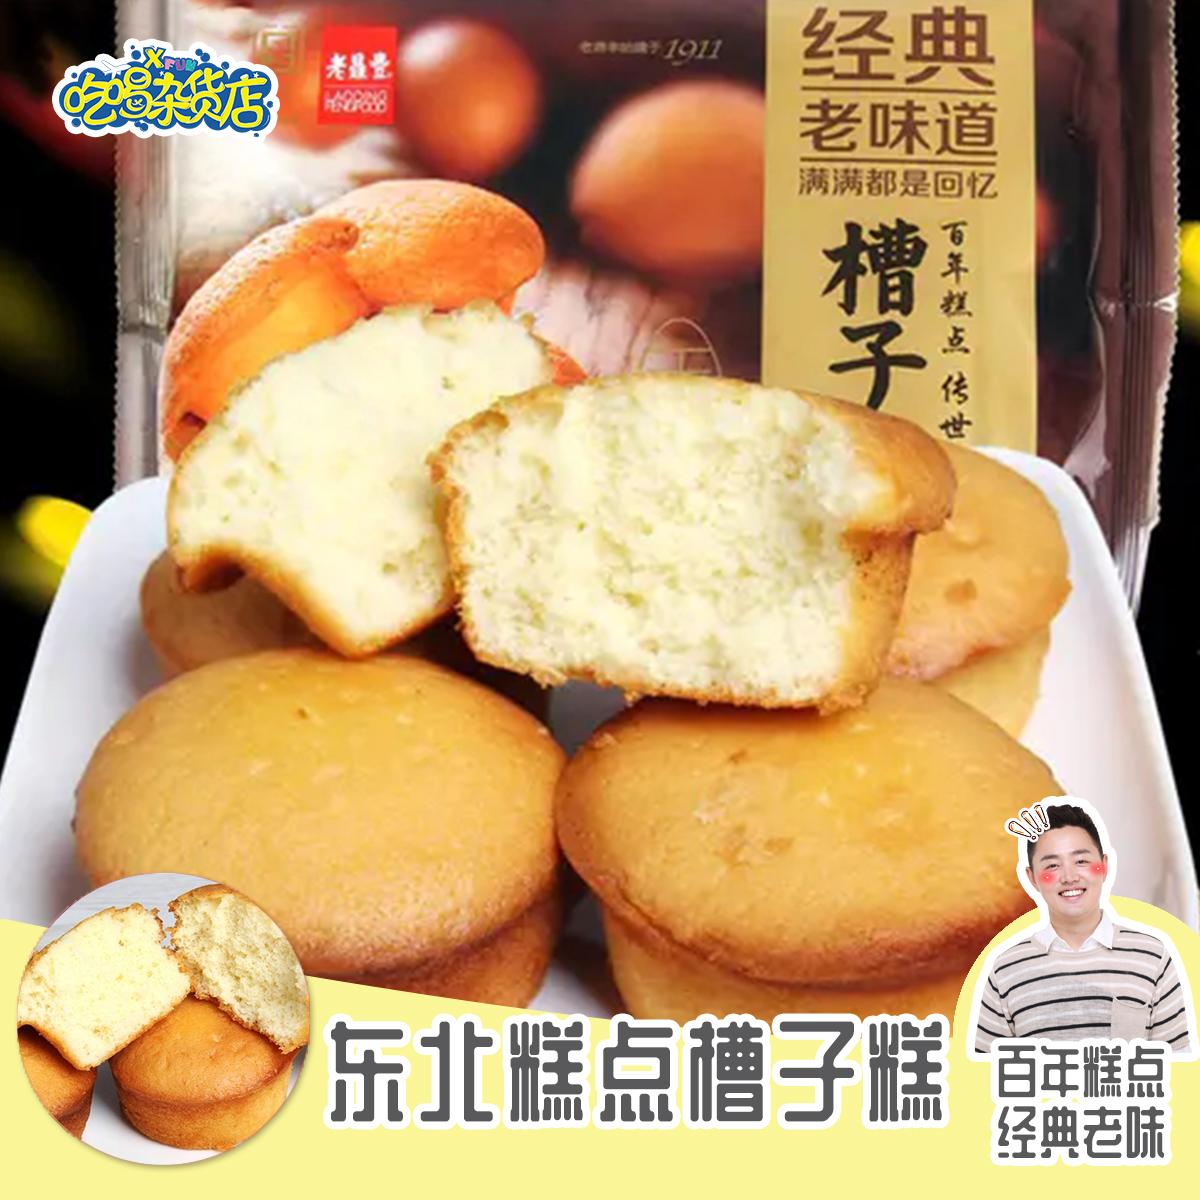 老鼎丰东北传统糕点槽子糕老式鸡蛋糕小吃面包早餐食品小蛋糕